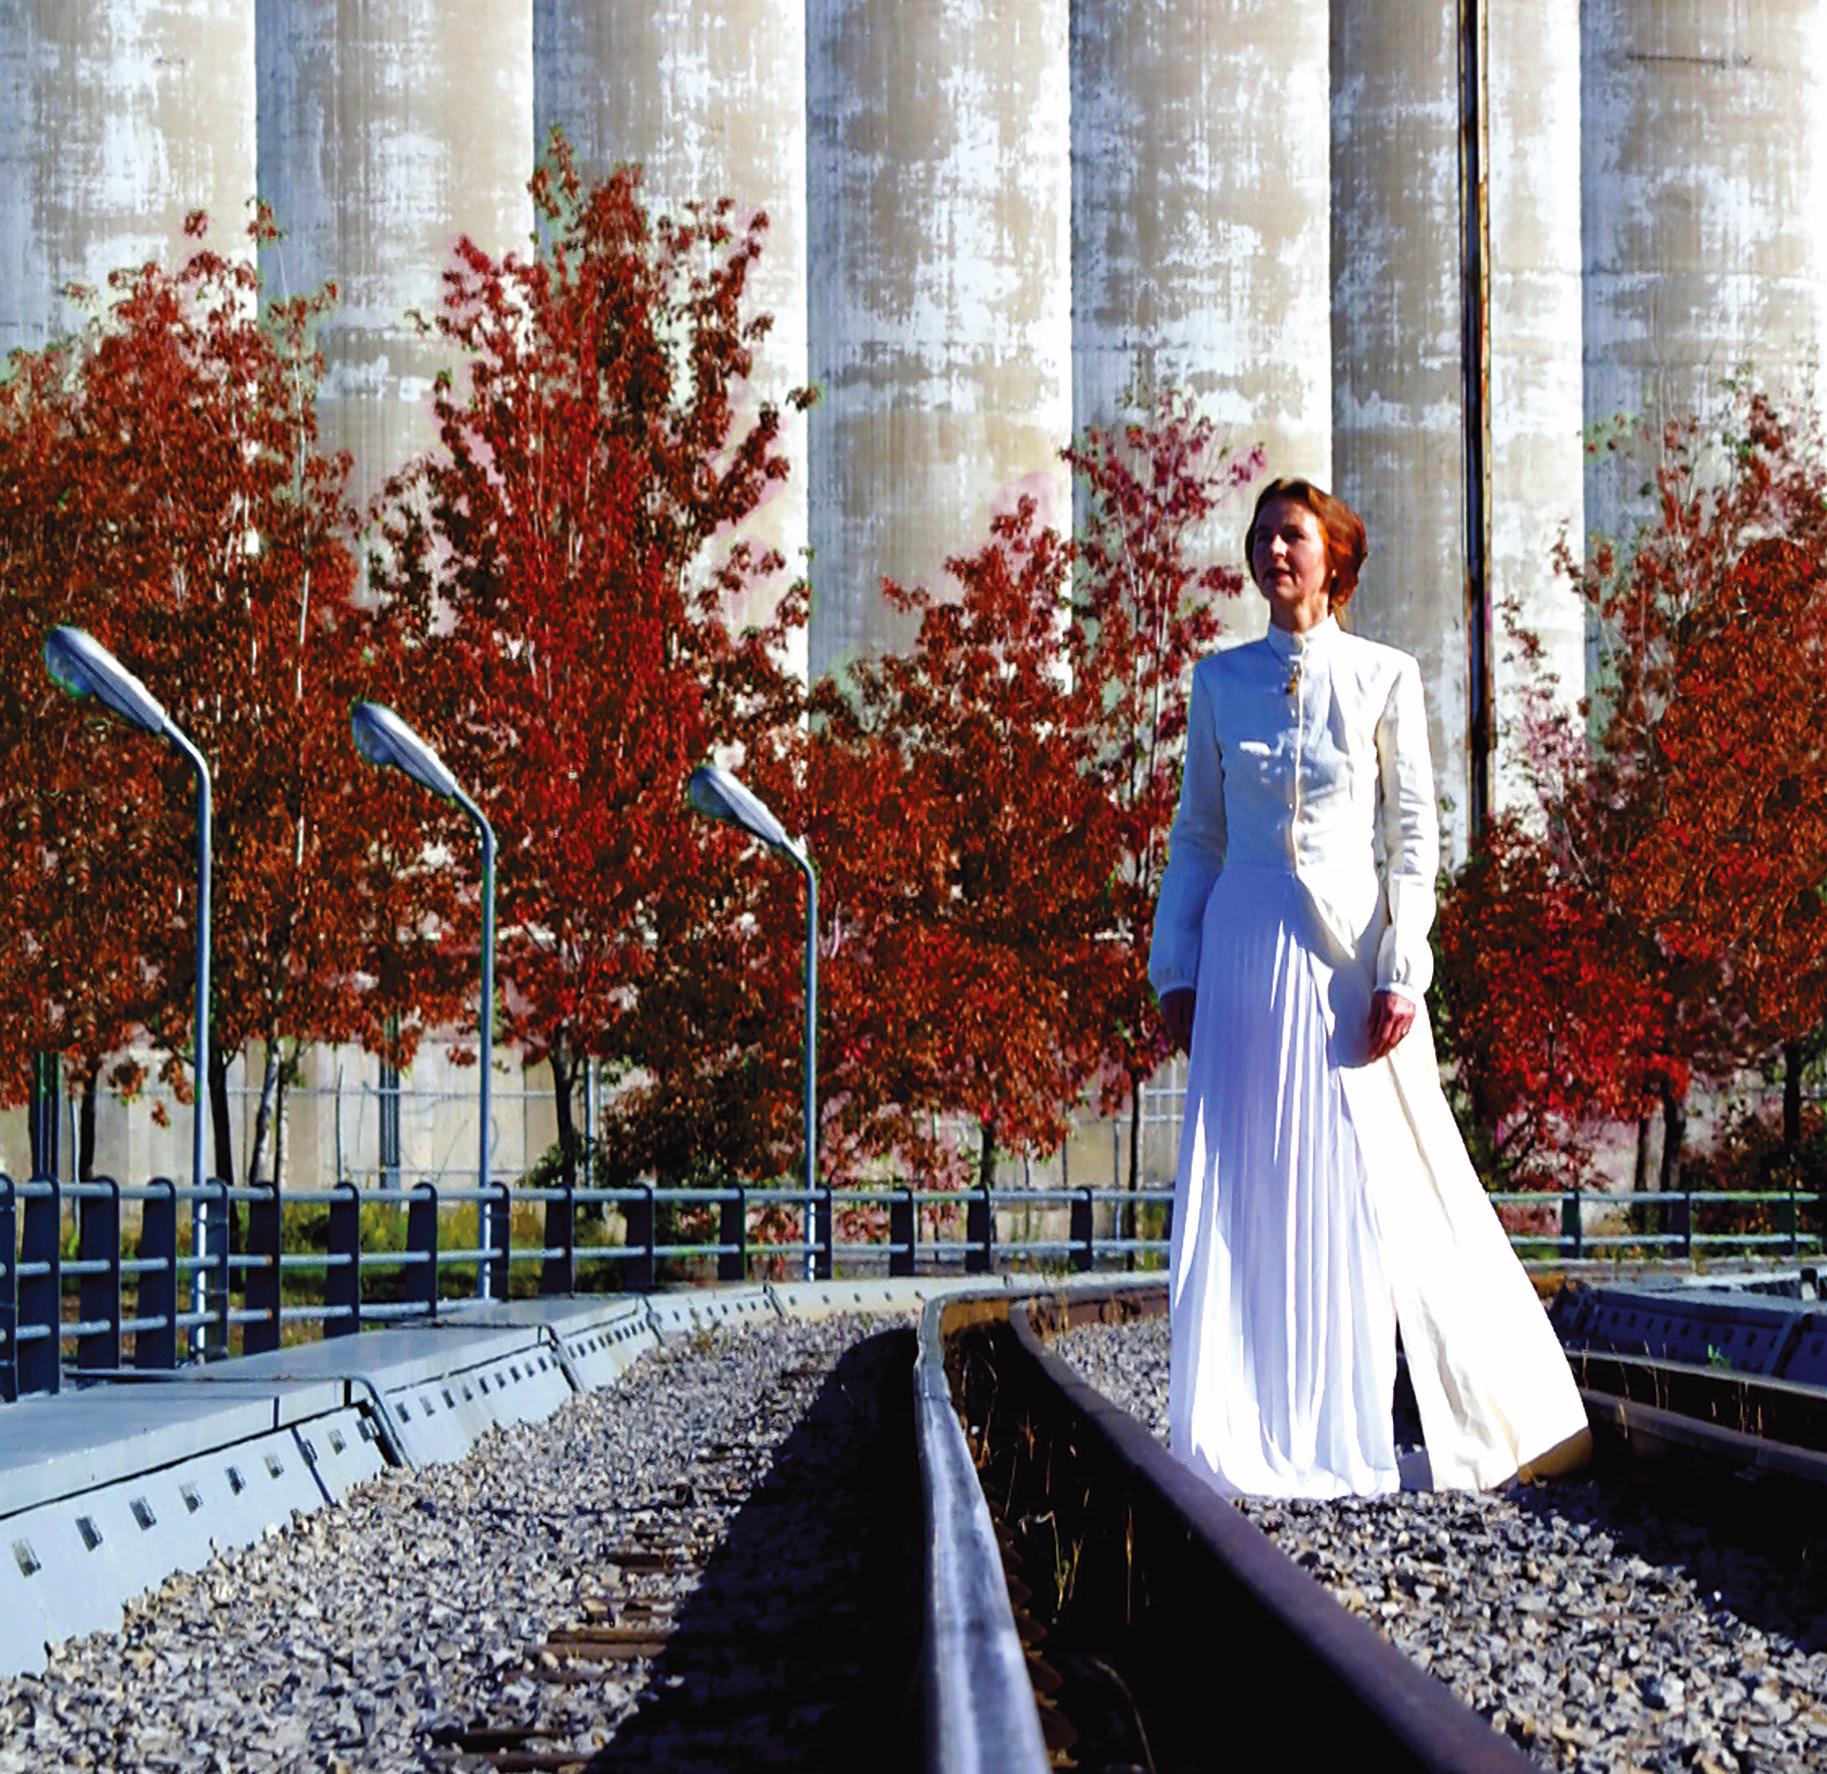 foto van Greta Blok in trouwjurk tijdens BIENNALE MONTREAL III, 2002